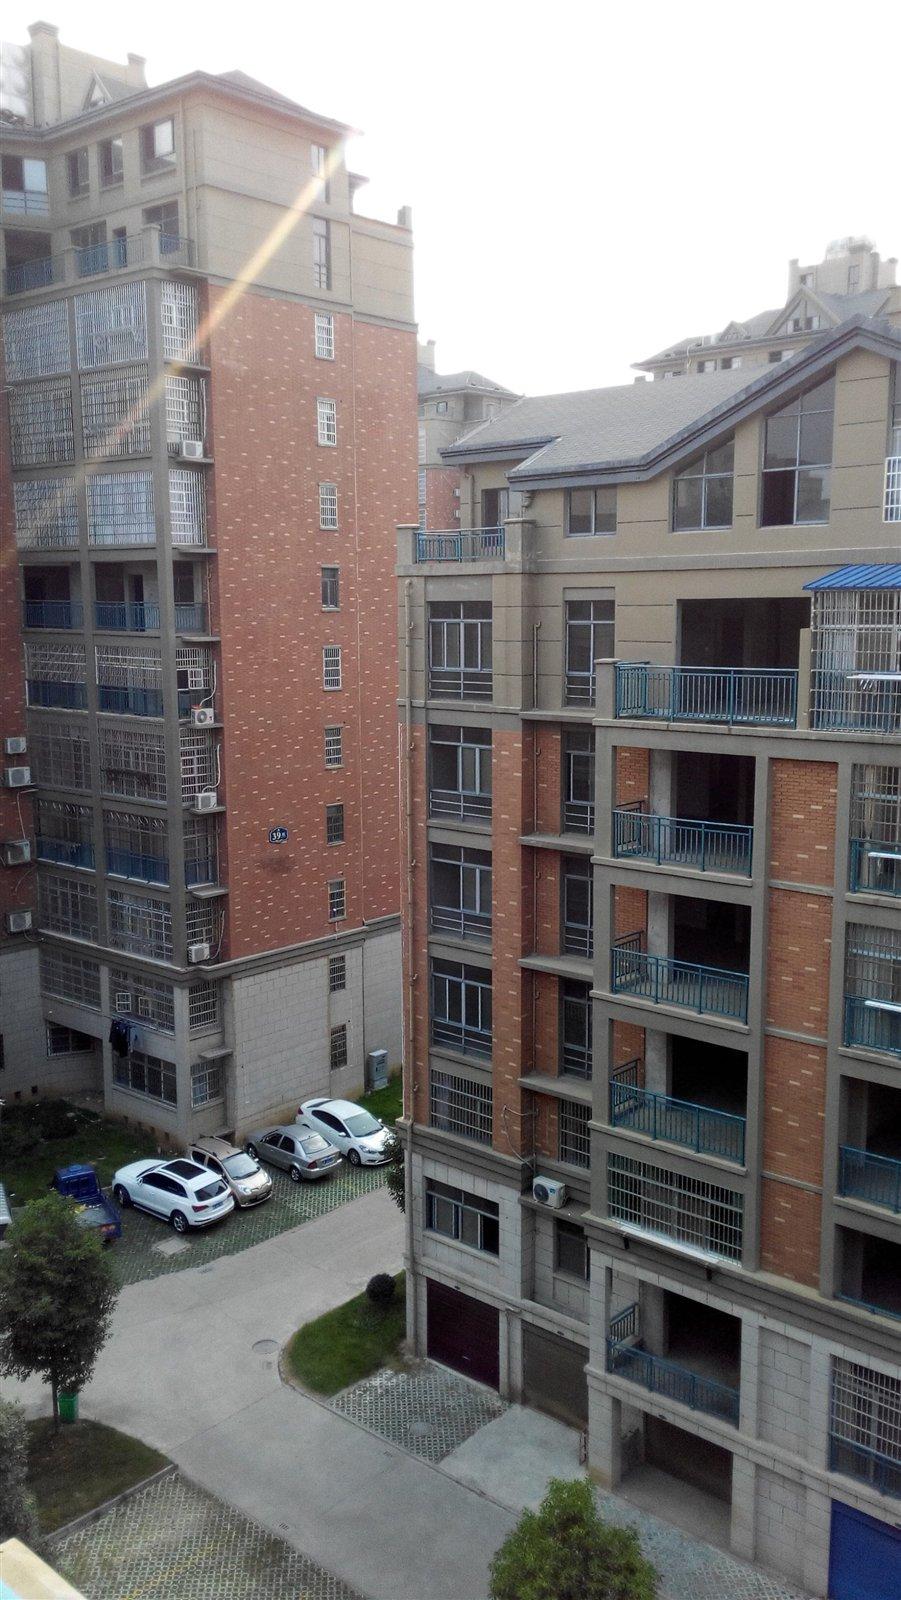 全框架现浇结构,挑高层达到 4.5米左右. 4.附近生活极其方便.